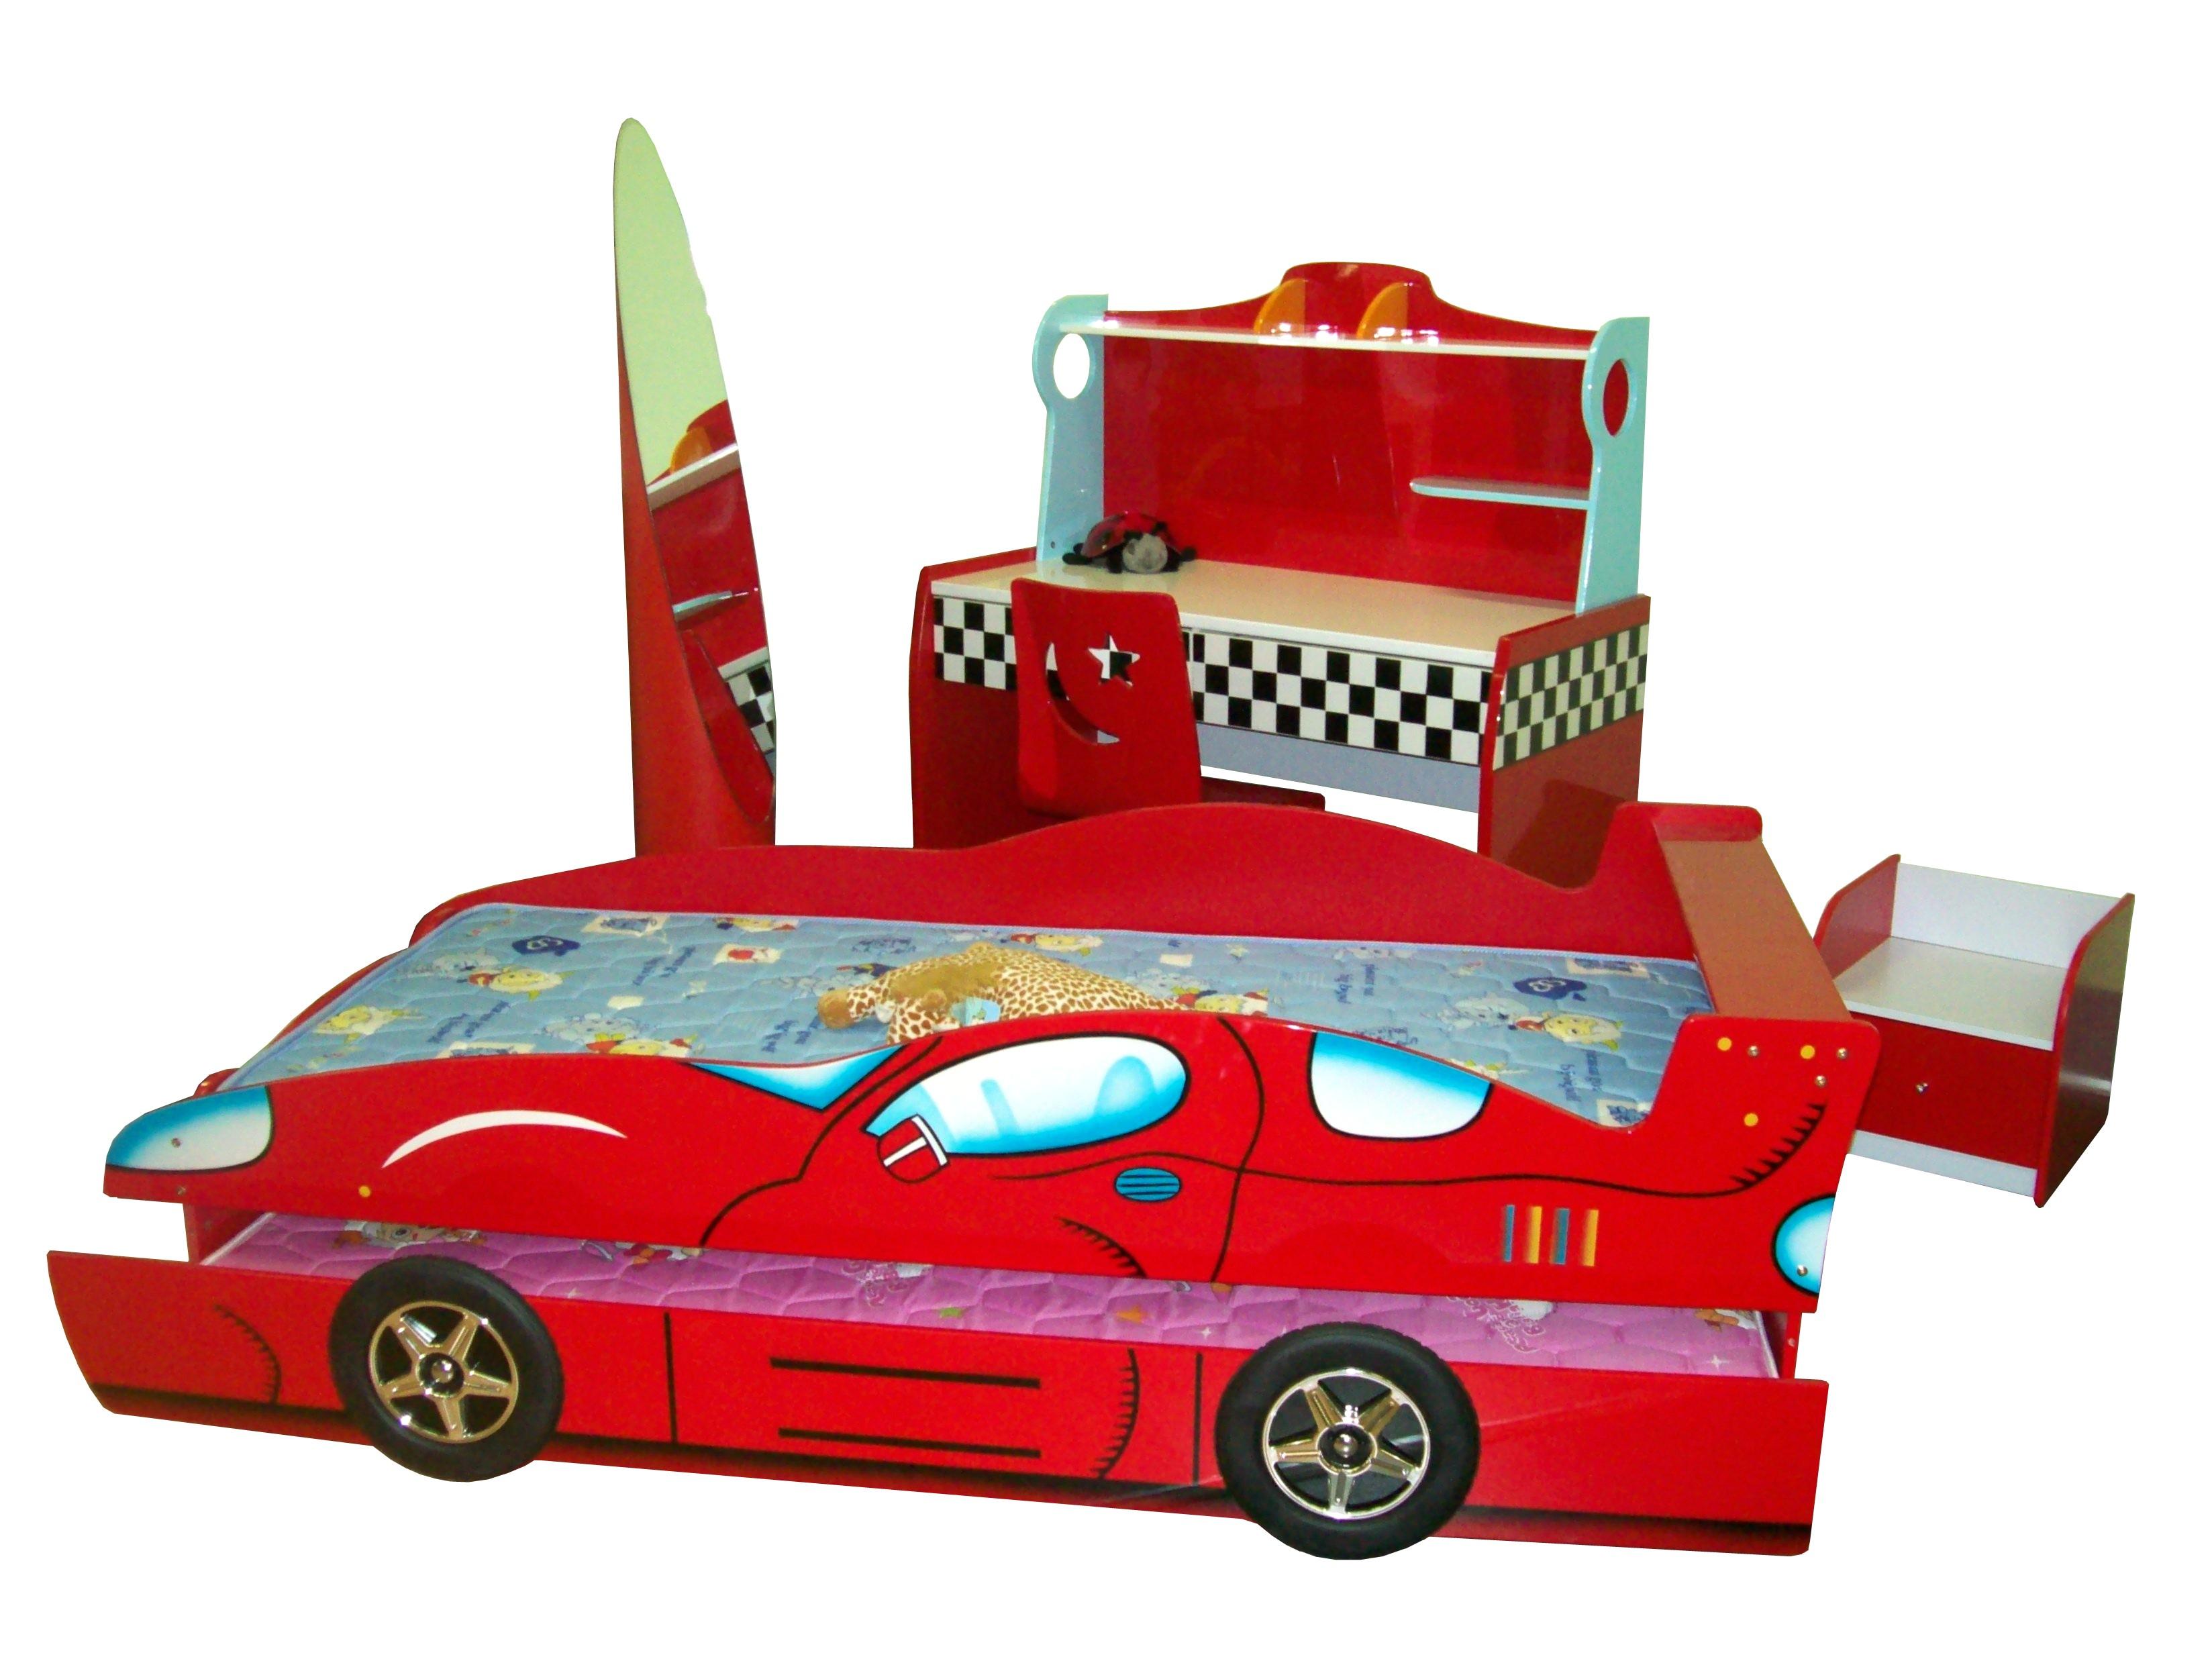 Комплект детской и подростковой мебели, Спальня для 2-х детей с 2-х уровневой  кроватью-машиной в комплекте с 2-мя матрацами,  10 предметов, материал МДФ, артикул 351, цвет красный